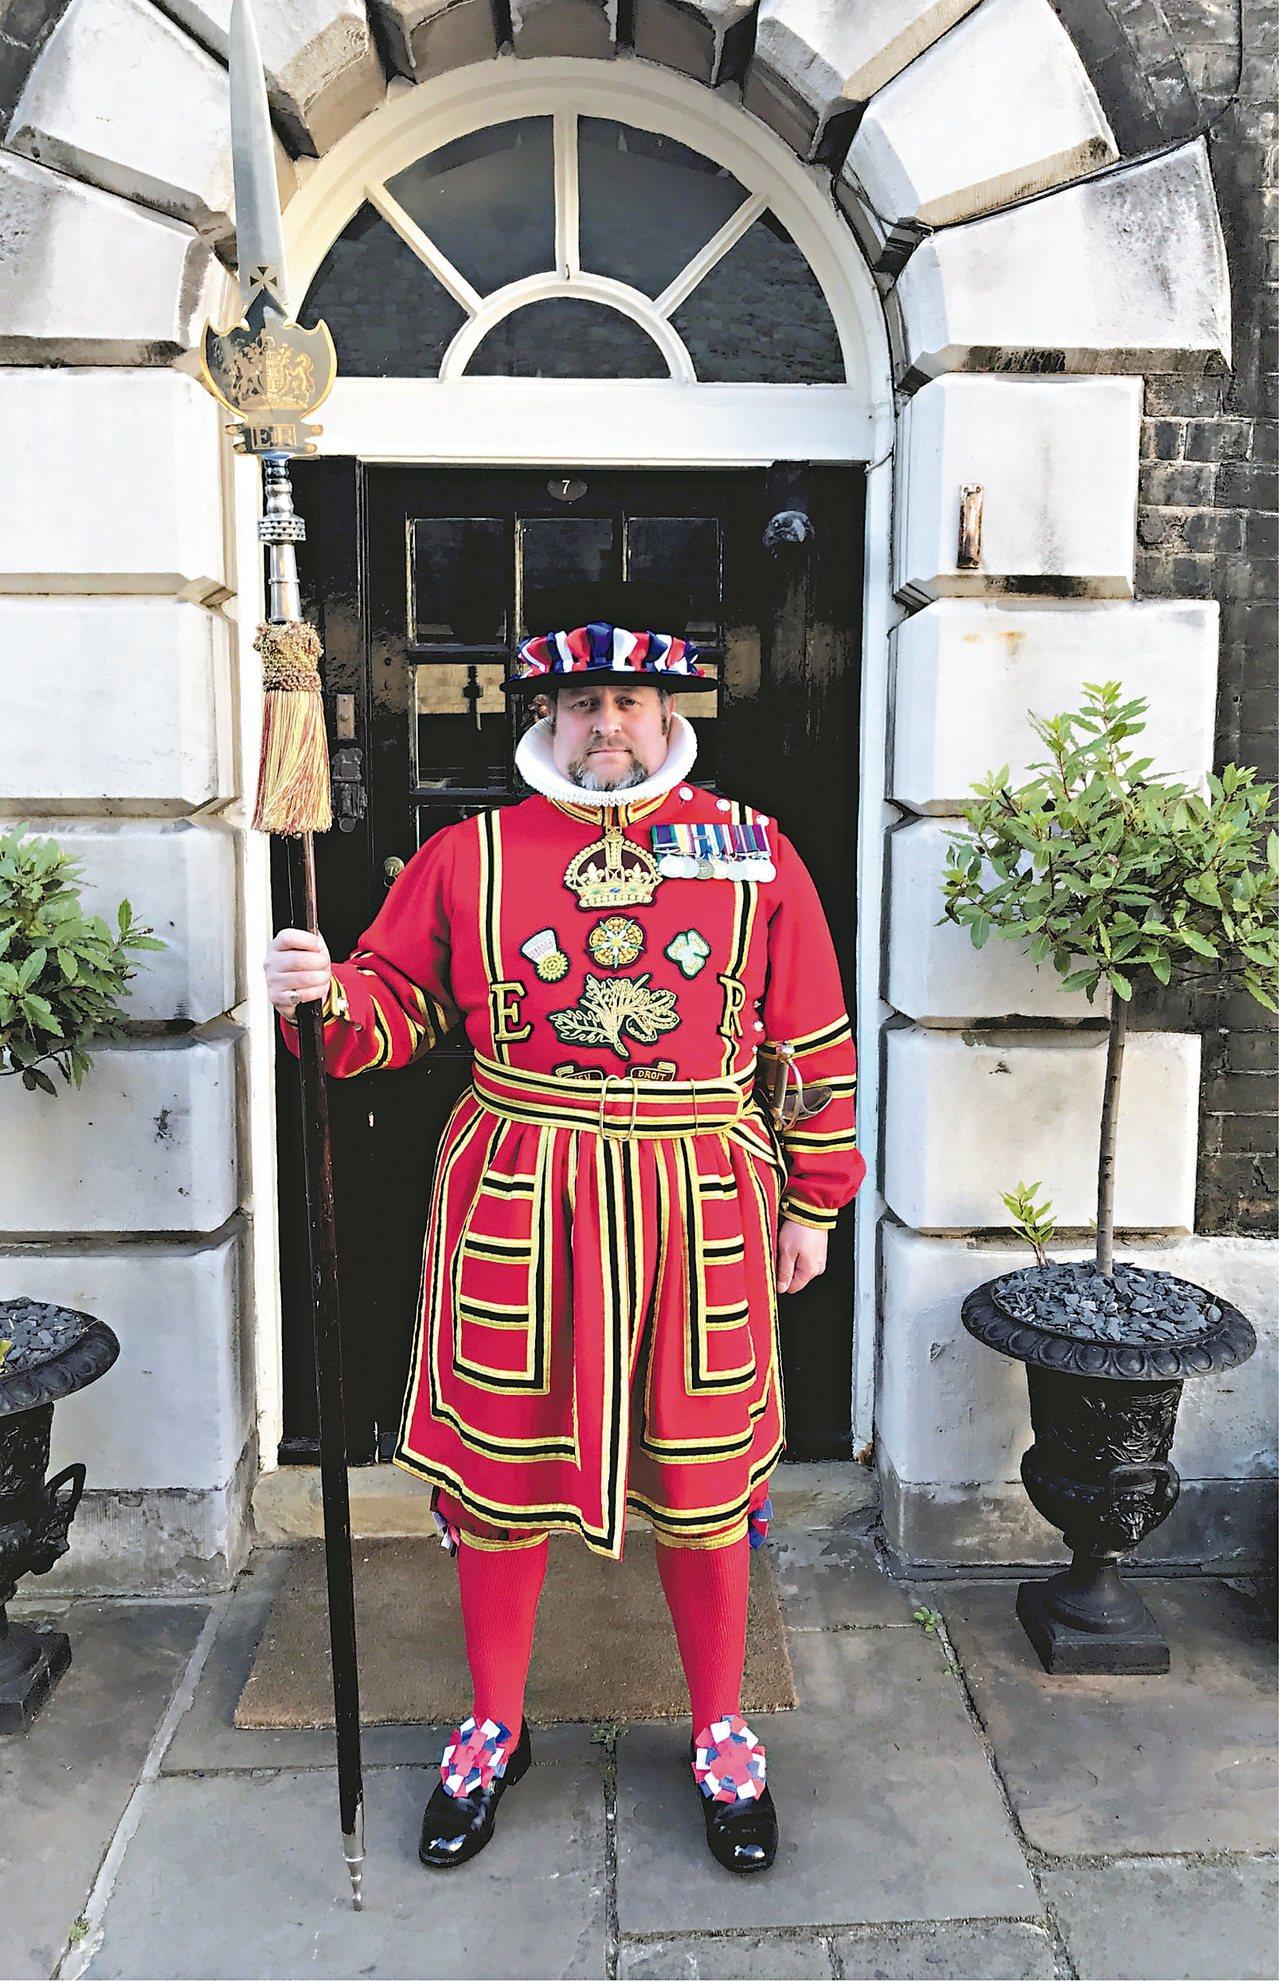 女王陛下的宮殿與城堡──倫敦塔的皇家近衛軍儀仗衛士,與君主的英國皇家衛隊衛士,克...